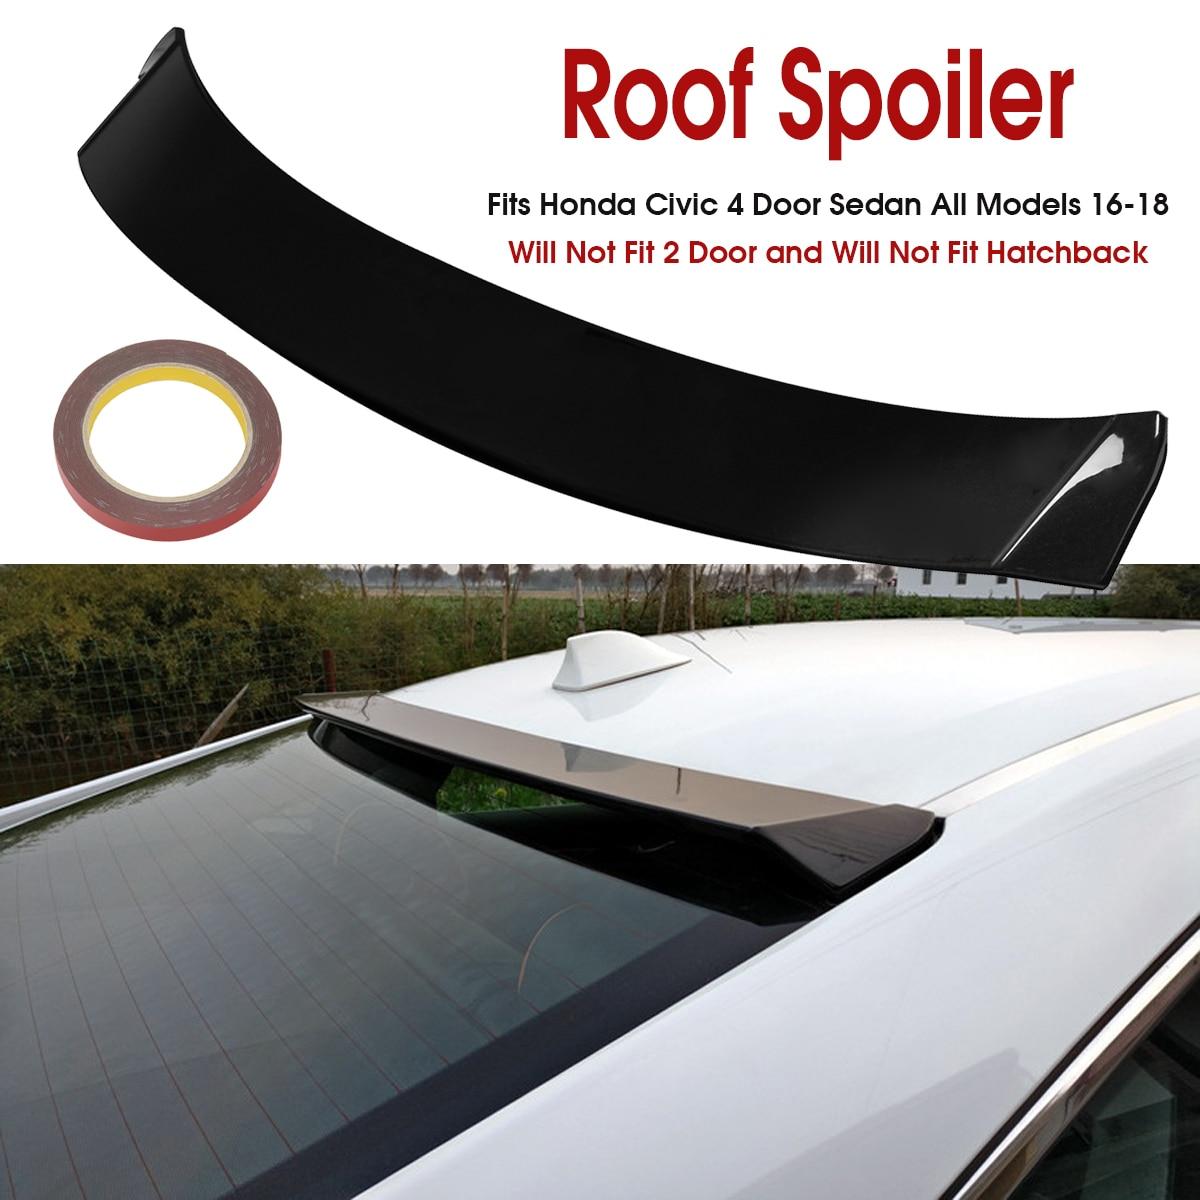 Car Rear Window Roof Spoiler Wing Visor Glossy Black For Honda for Civic 4DR 2016 2017 2018 4 Door Sedan All Models